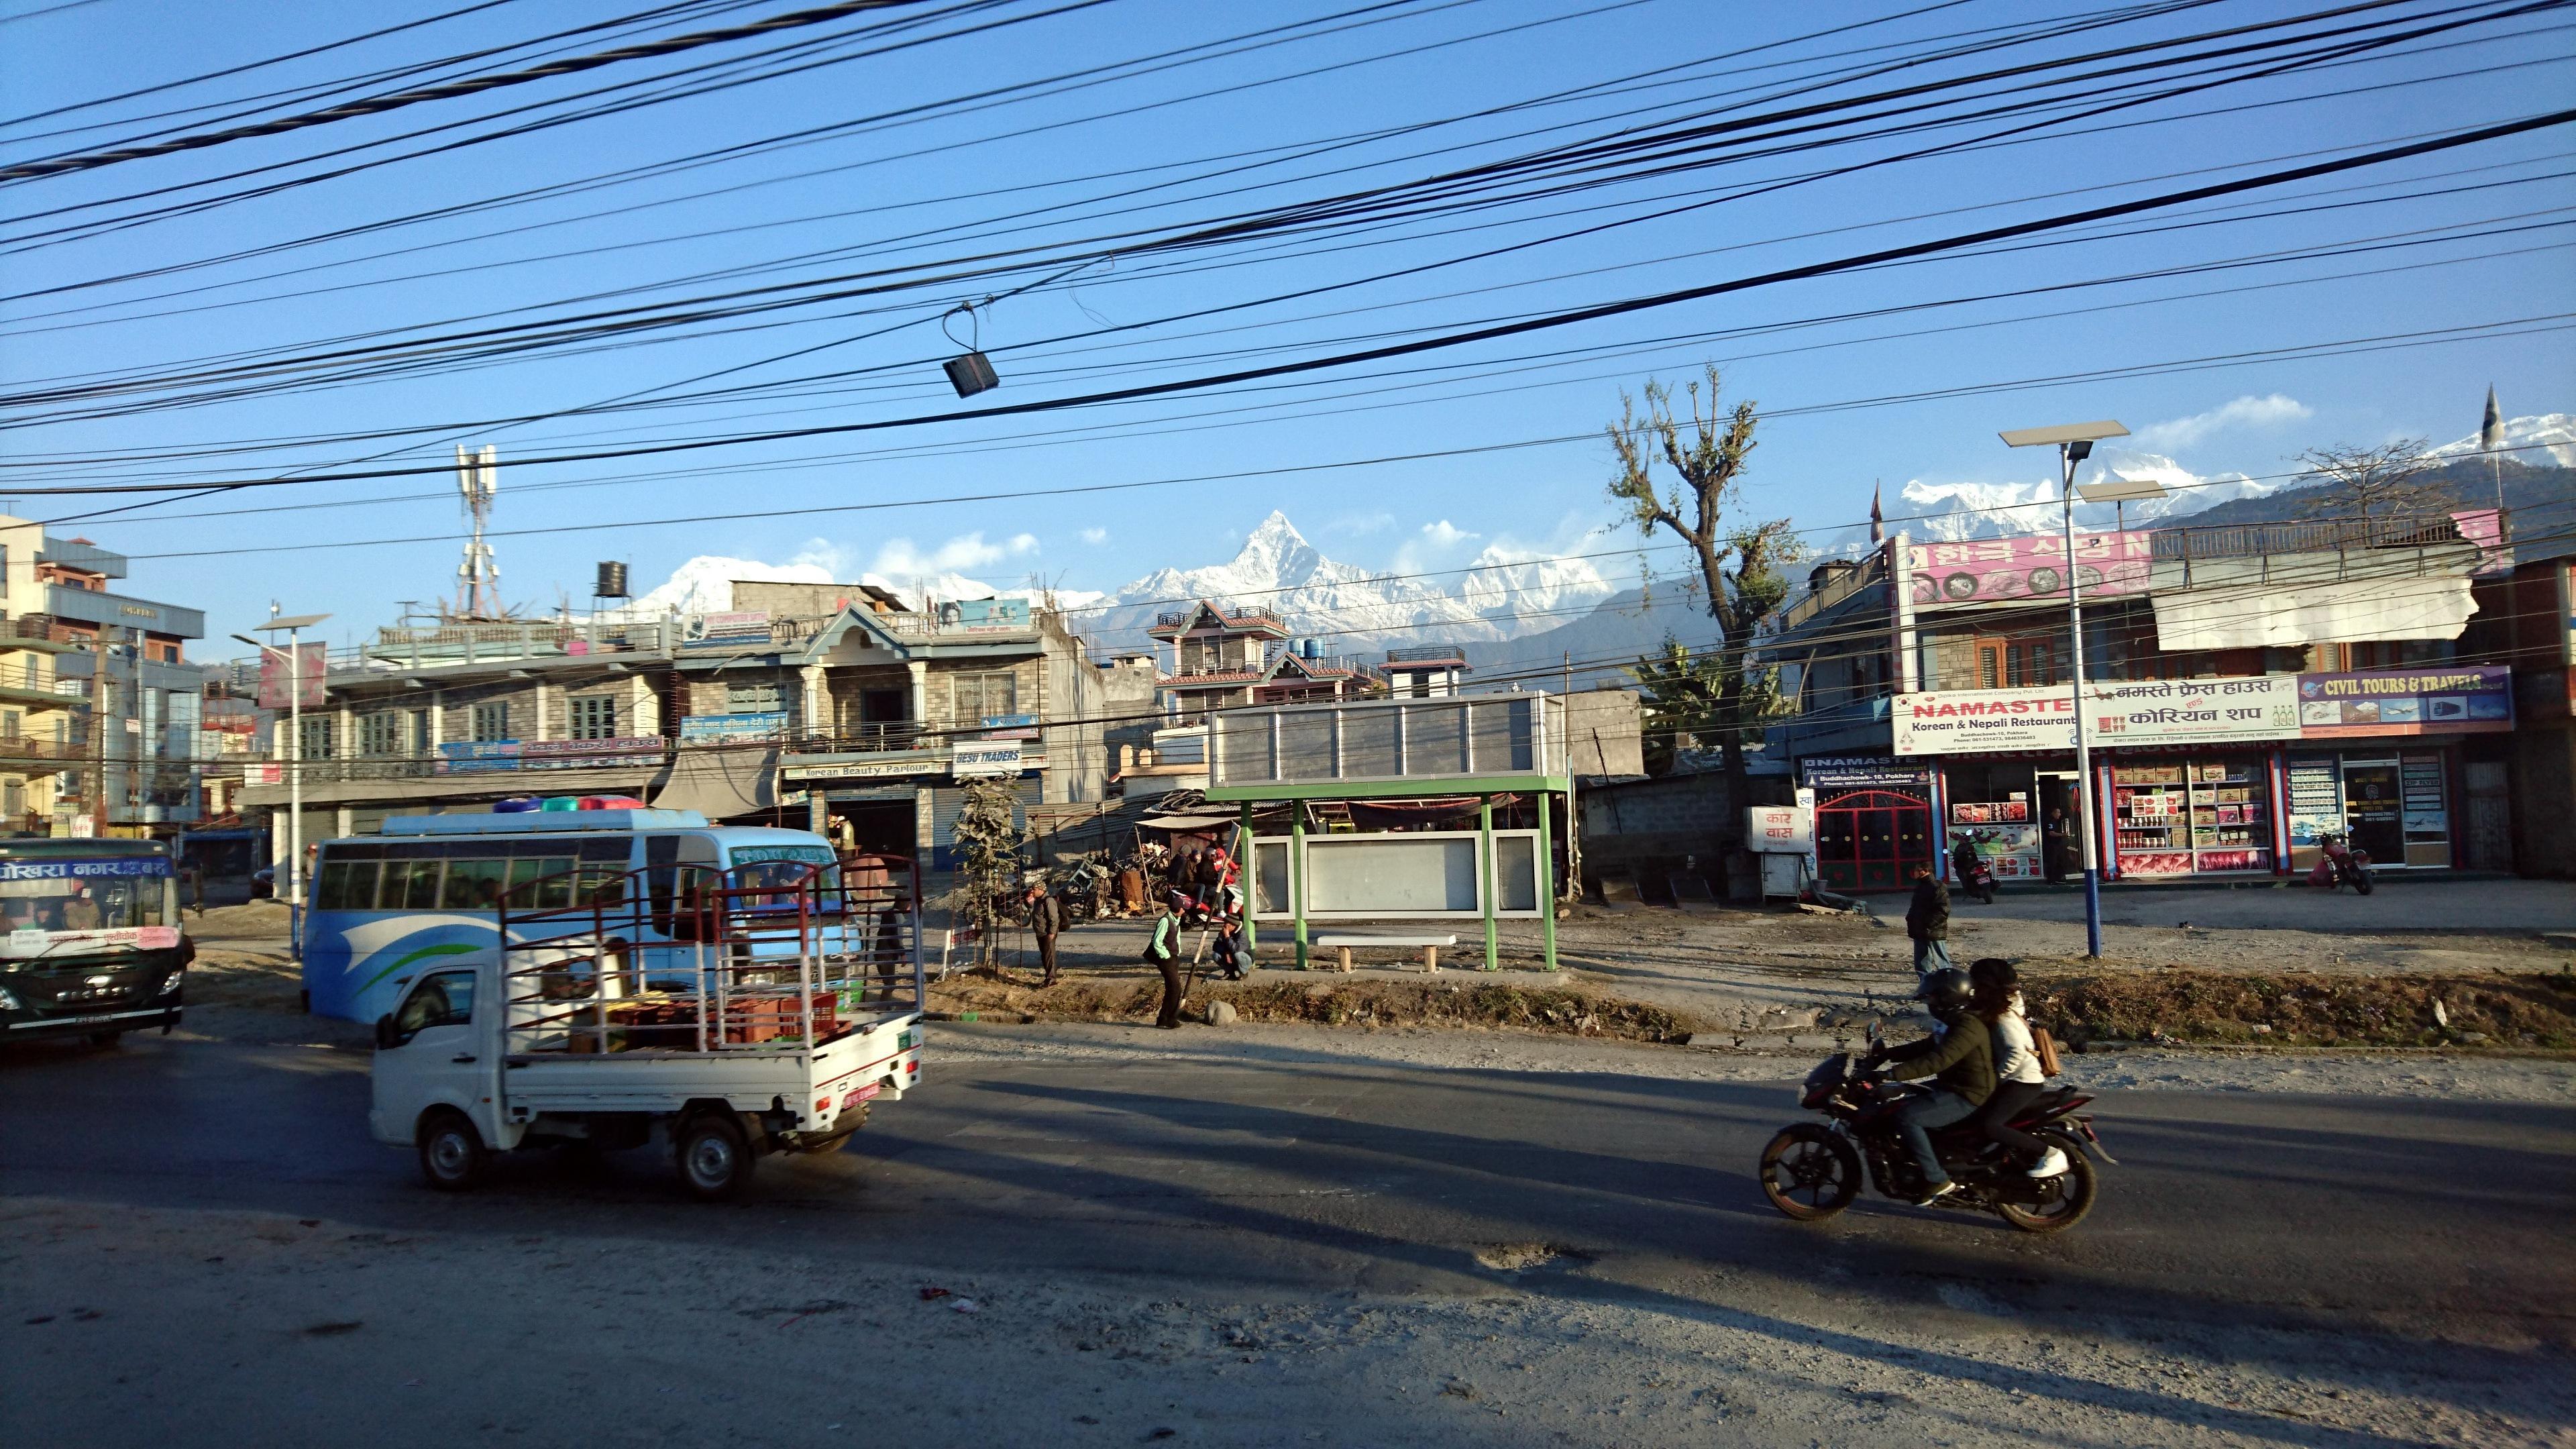 alla periferia di Pokhara, con gli onnipresenti cavi elettrici che tagliano il panorama